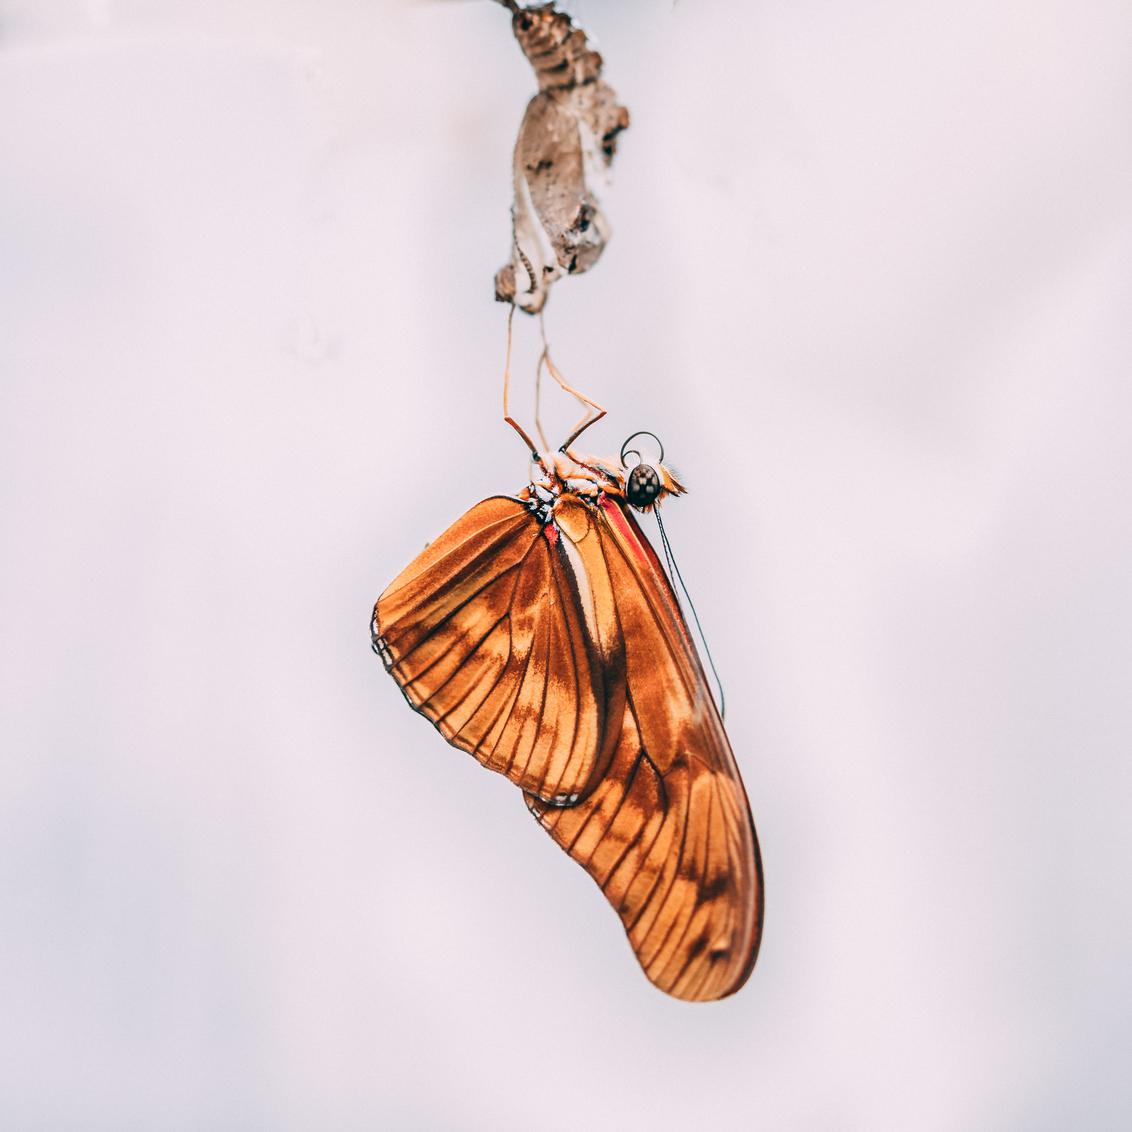 Just born - - - foto door niaravi op 08-02-2020 - deze foto bevat: groen, macro, zon, lente, natuur, vlinder, licht, oranje, herfst, tuin, rups, zomer, insect, vlindertuin, dof, bokeh